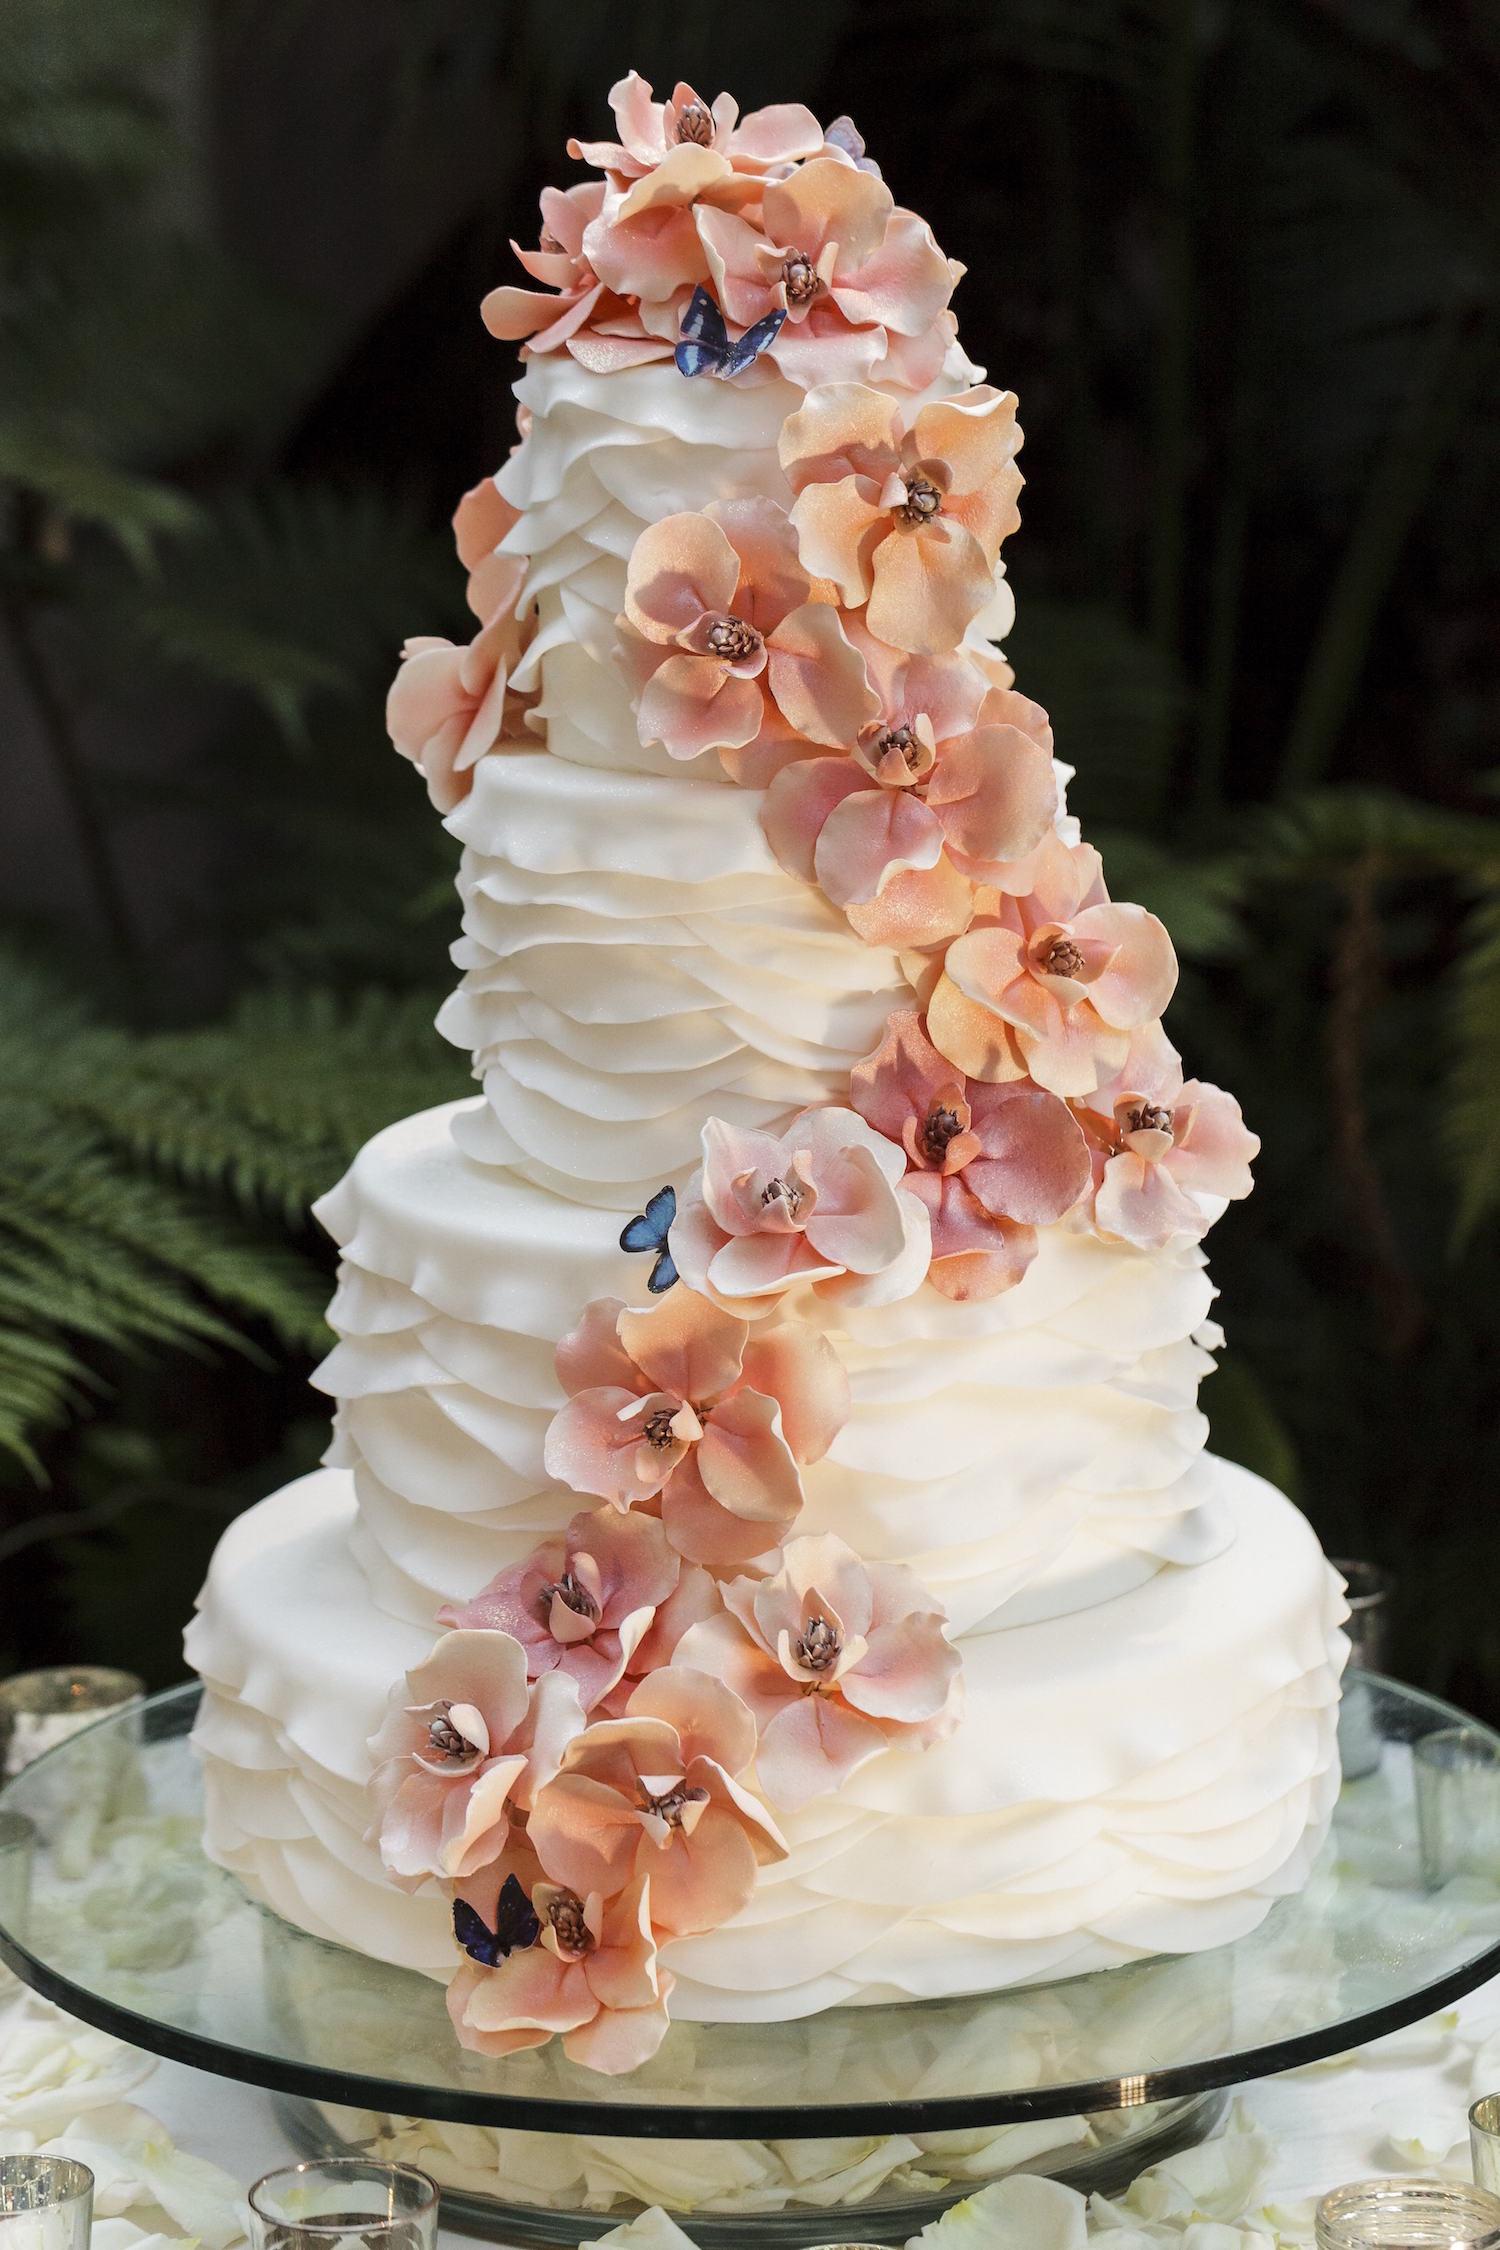 White ruffle wedding cake with cascading sugar flowers